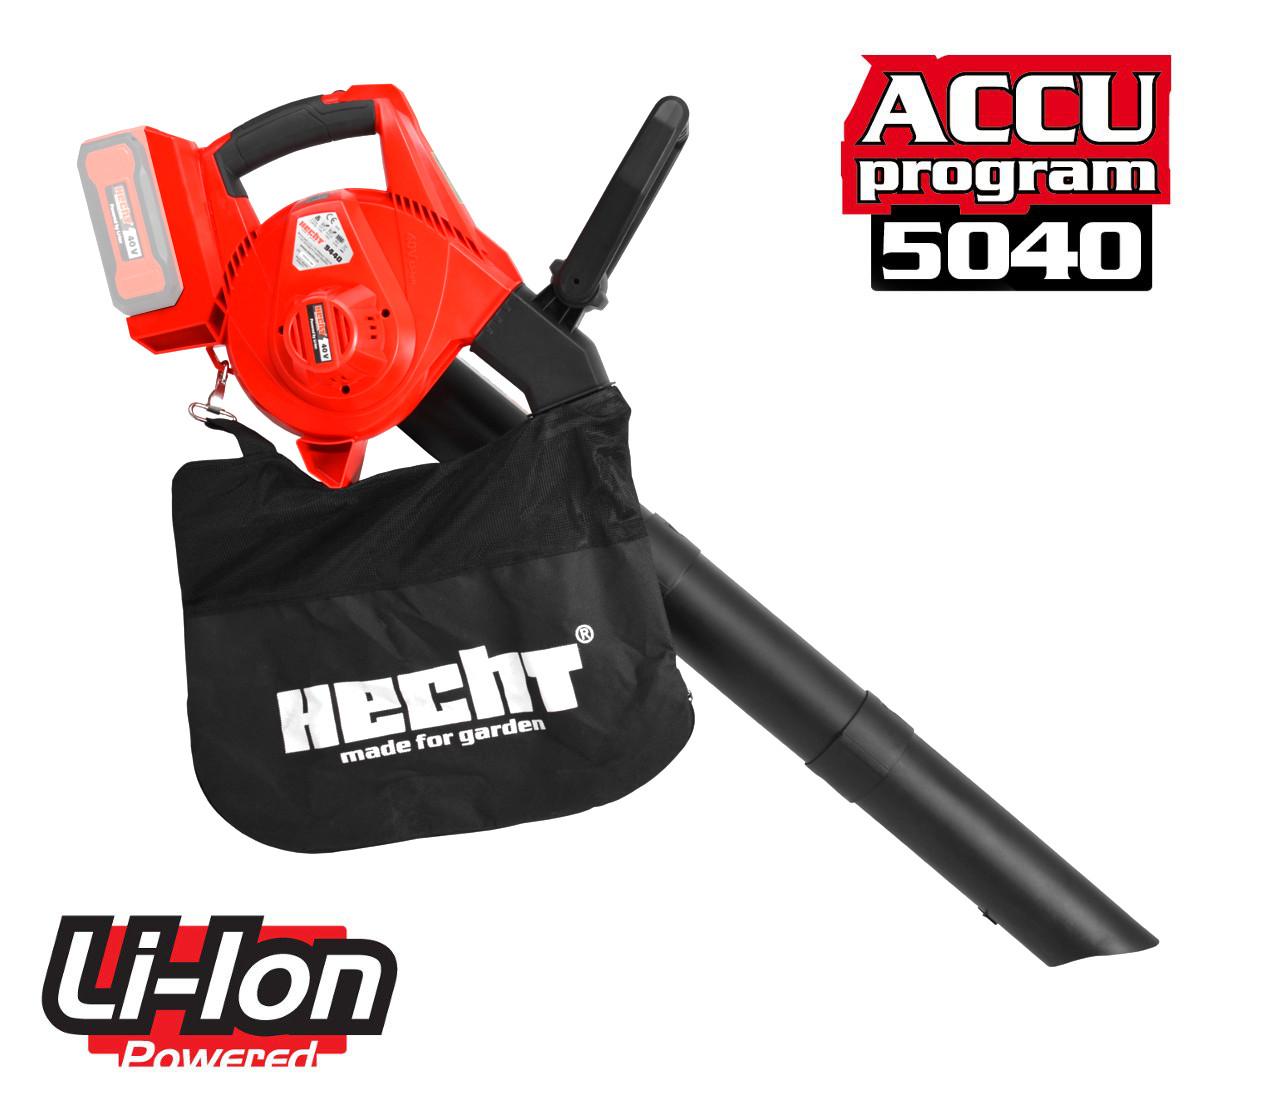 HECHT 9440 - akumulátorový fukar/vysavač